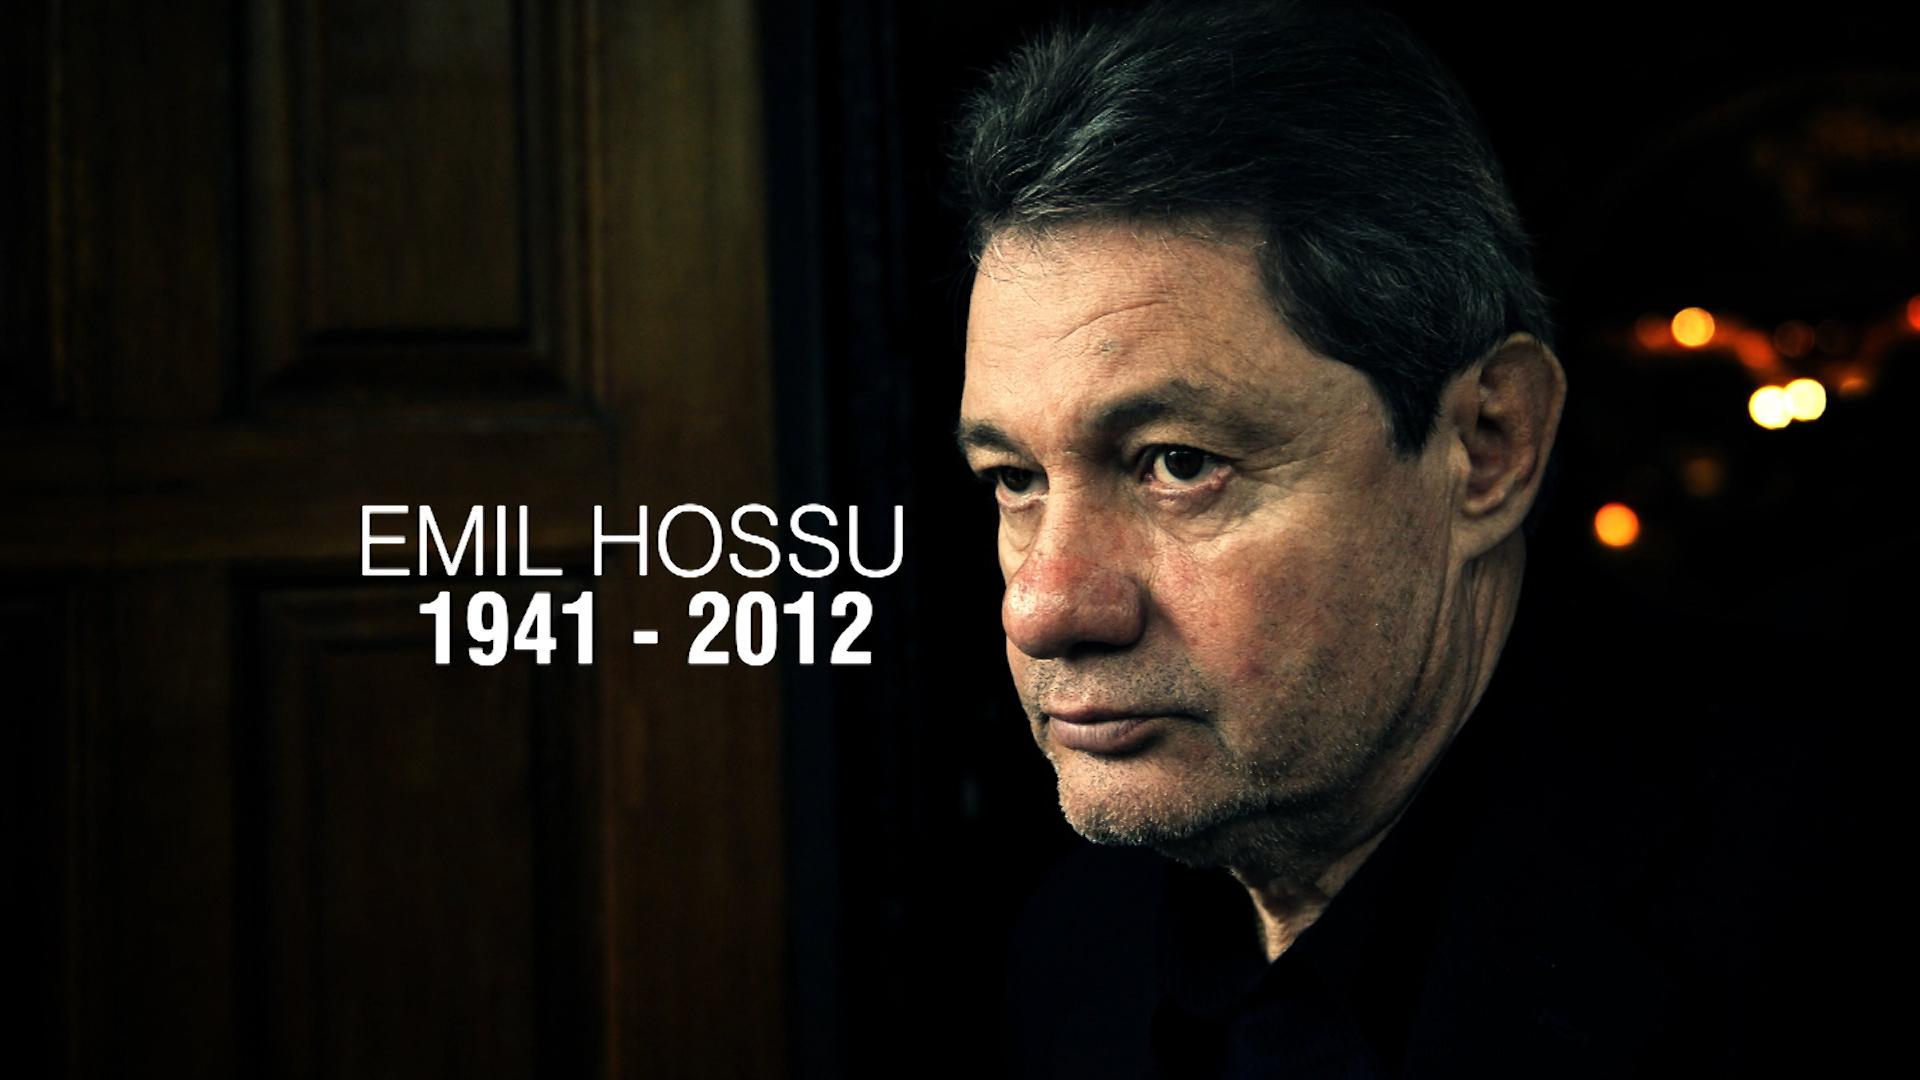 Actorul Emil Hossu a fost inmormantat sambata la Cimitirul Bellu din Bucuresti